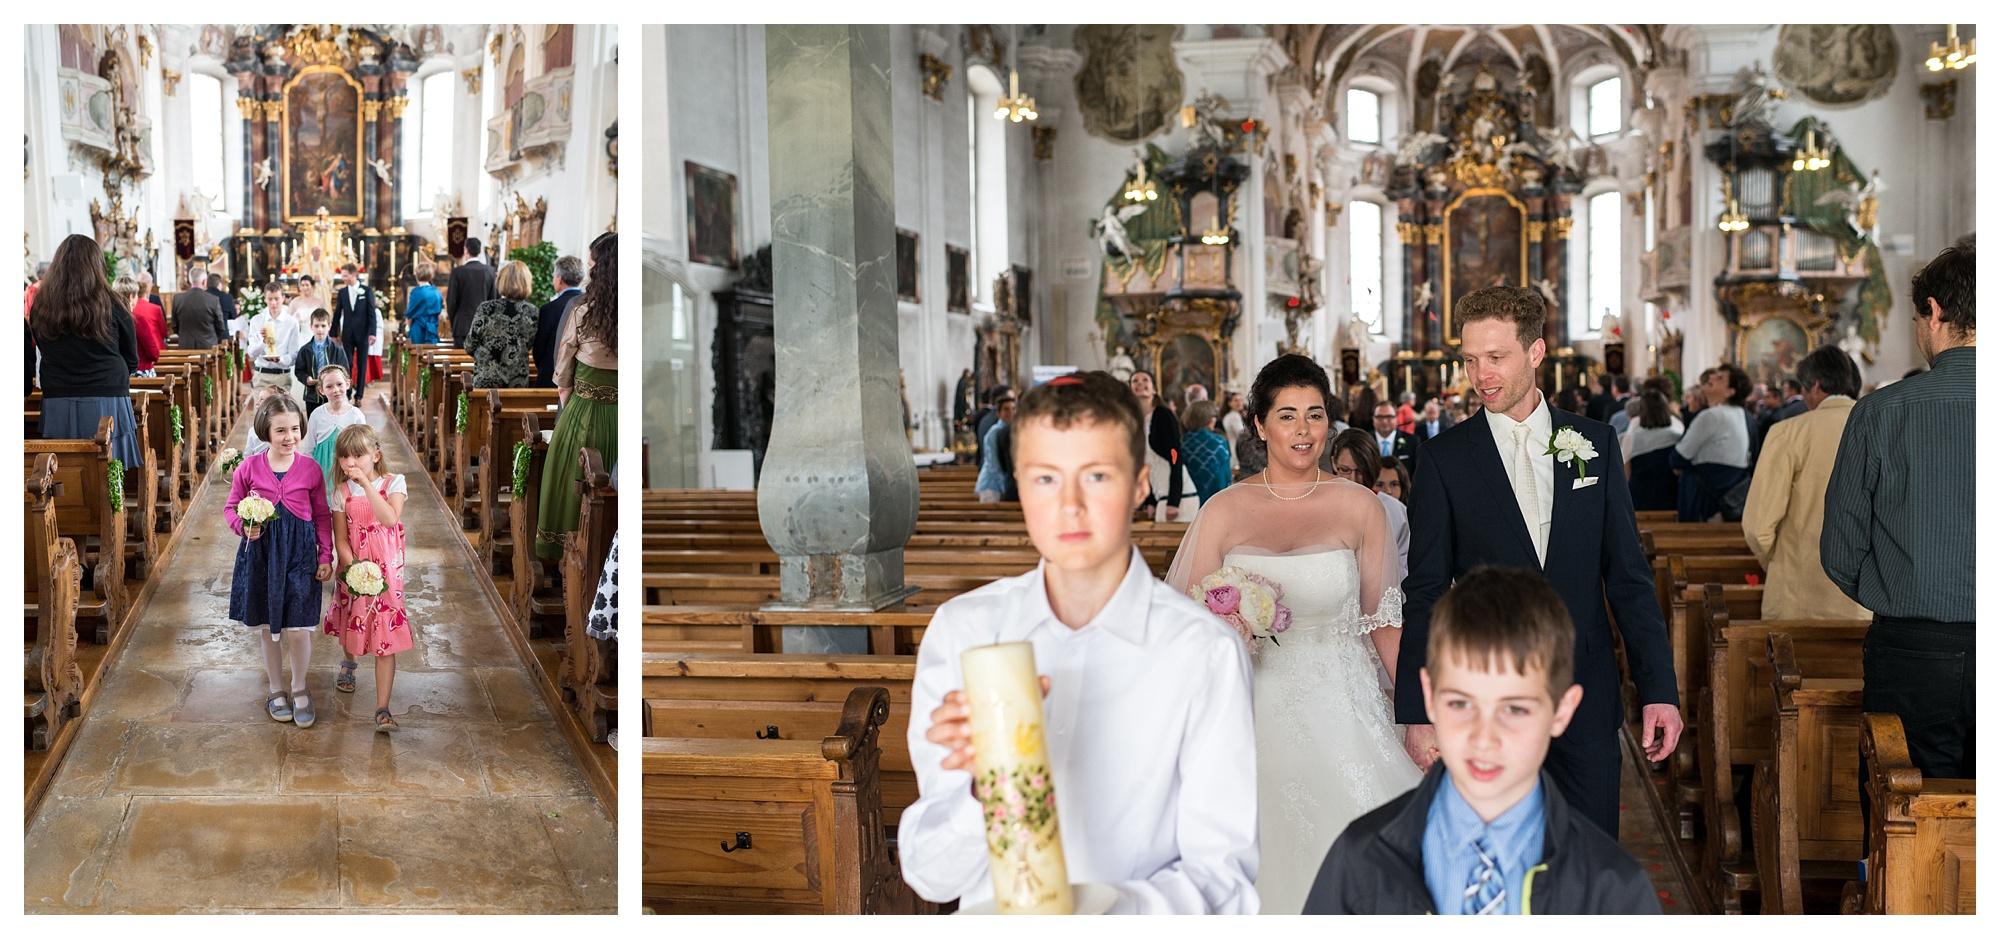 Fotograf Konstanz - Hochzeit Tanja Elmar Elmar Feuerbacher Photography Konstanz Messkirch Highlights 038 - Hochzeitsreportage von Tanja und Elmar im Schloss Meßkirch  - 142 -